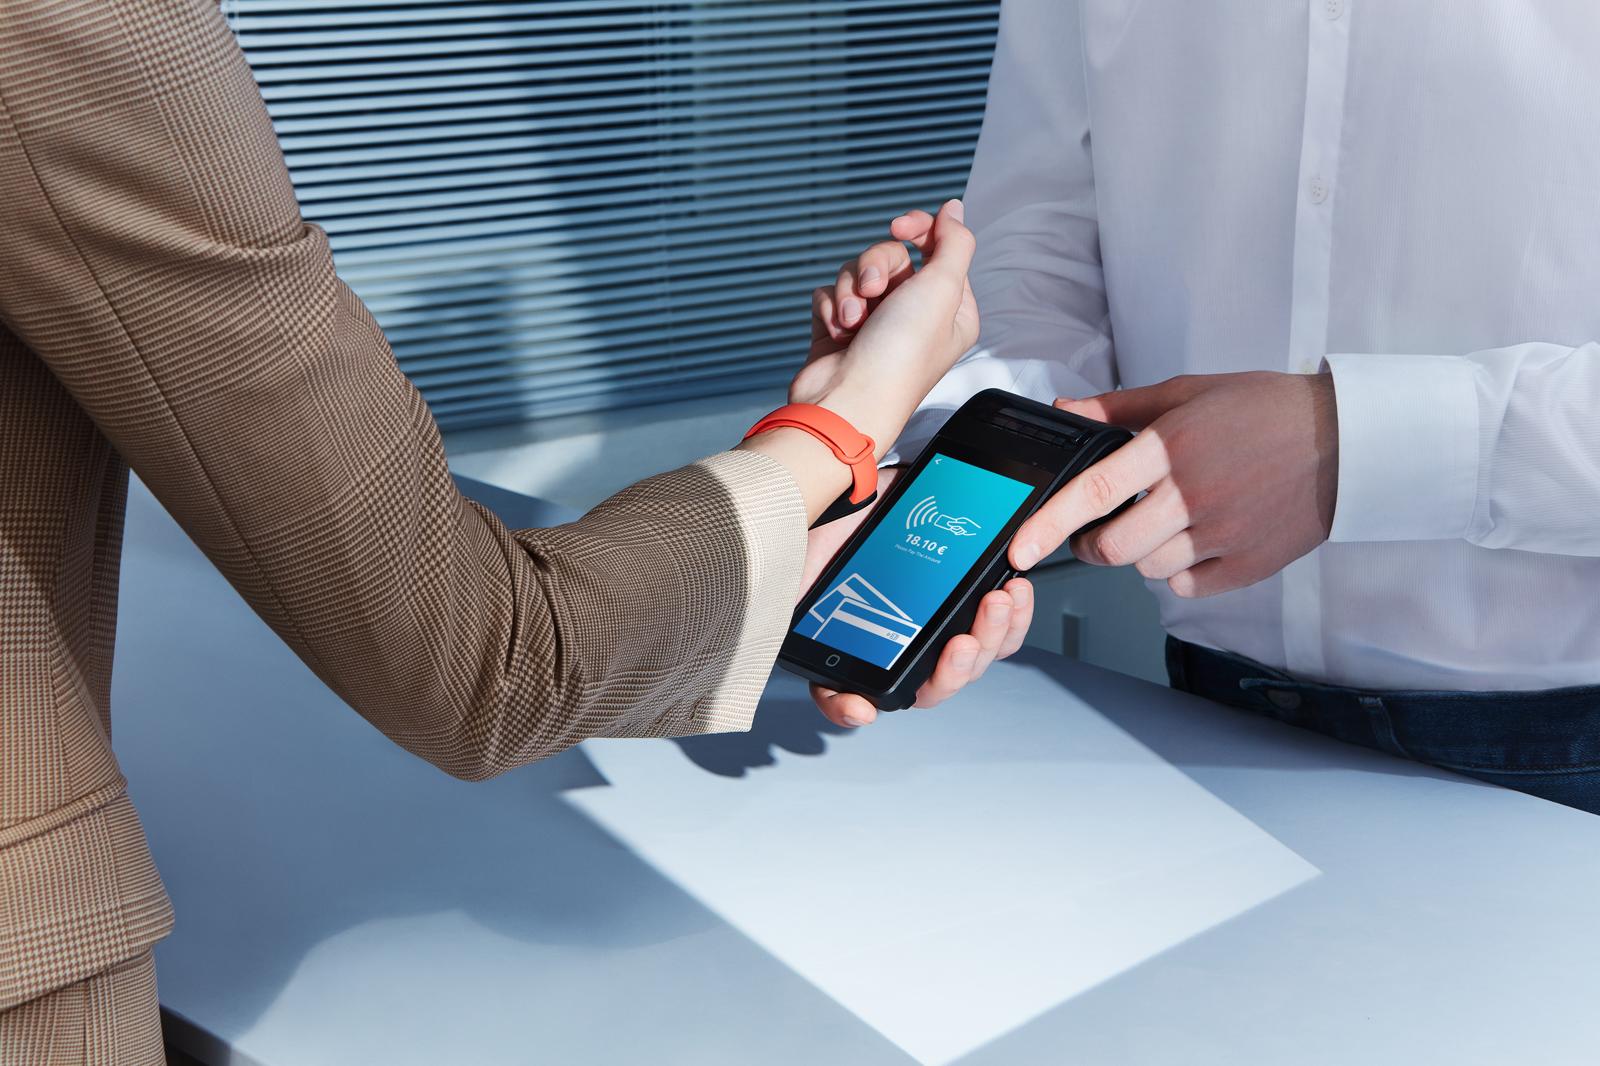 Xiaomi Mi Smart Band 6 NFC porta i pagamenti contactless in Italia insieme a Mastercard 2